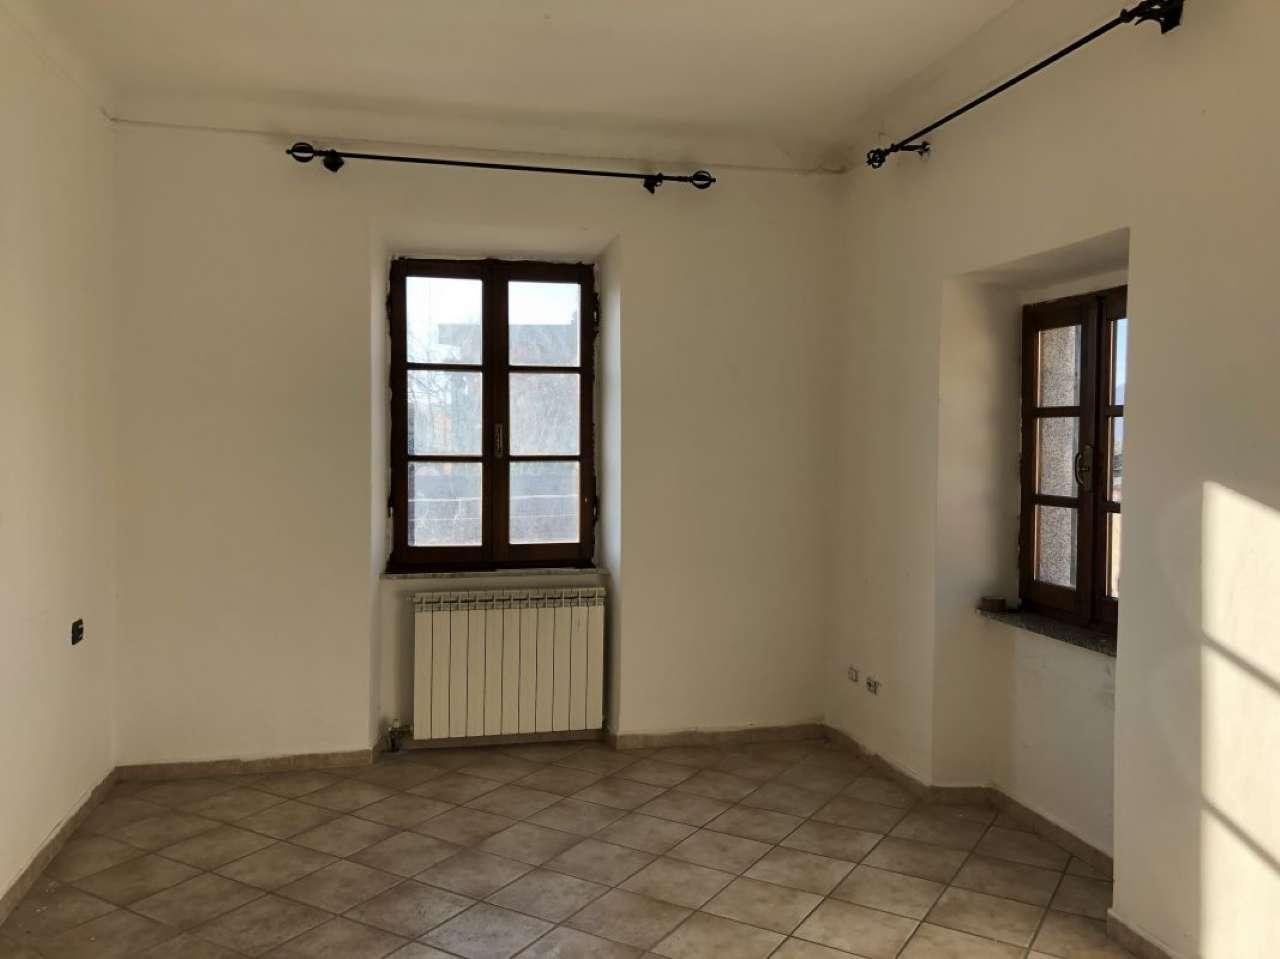 23688 Appartamento 4 vani in vendita ad Albiano Magra